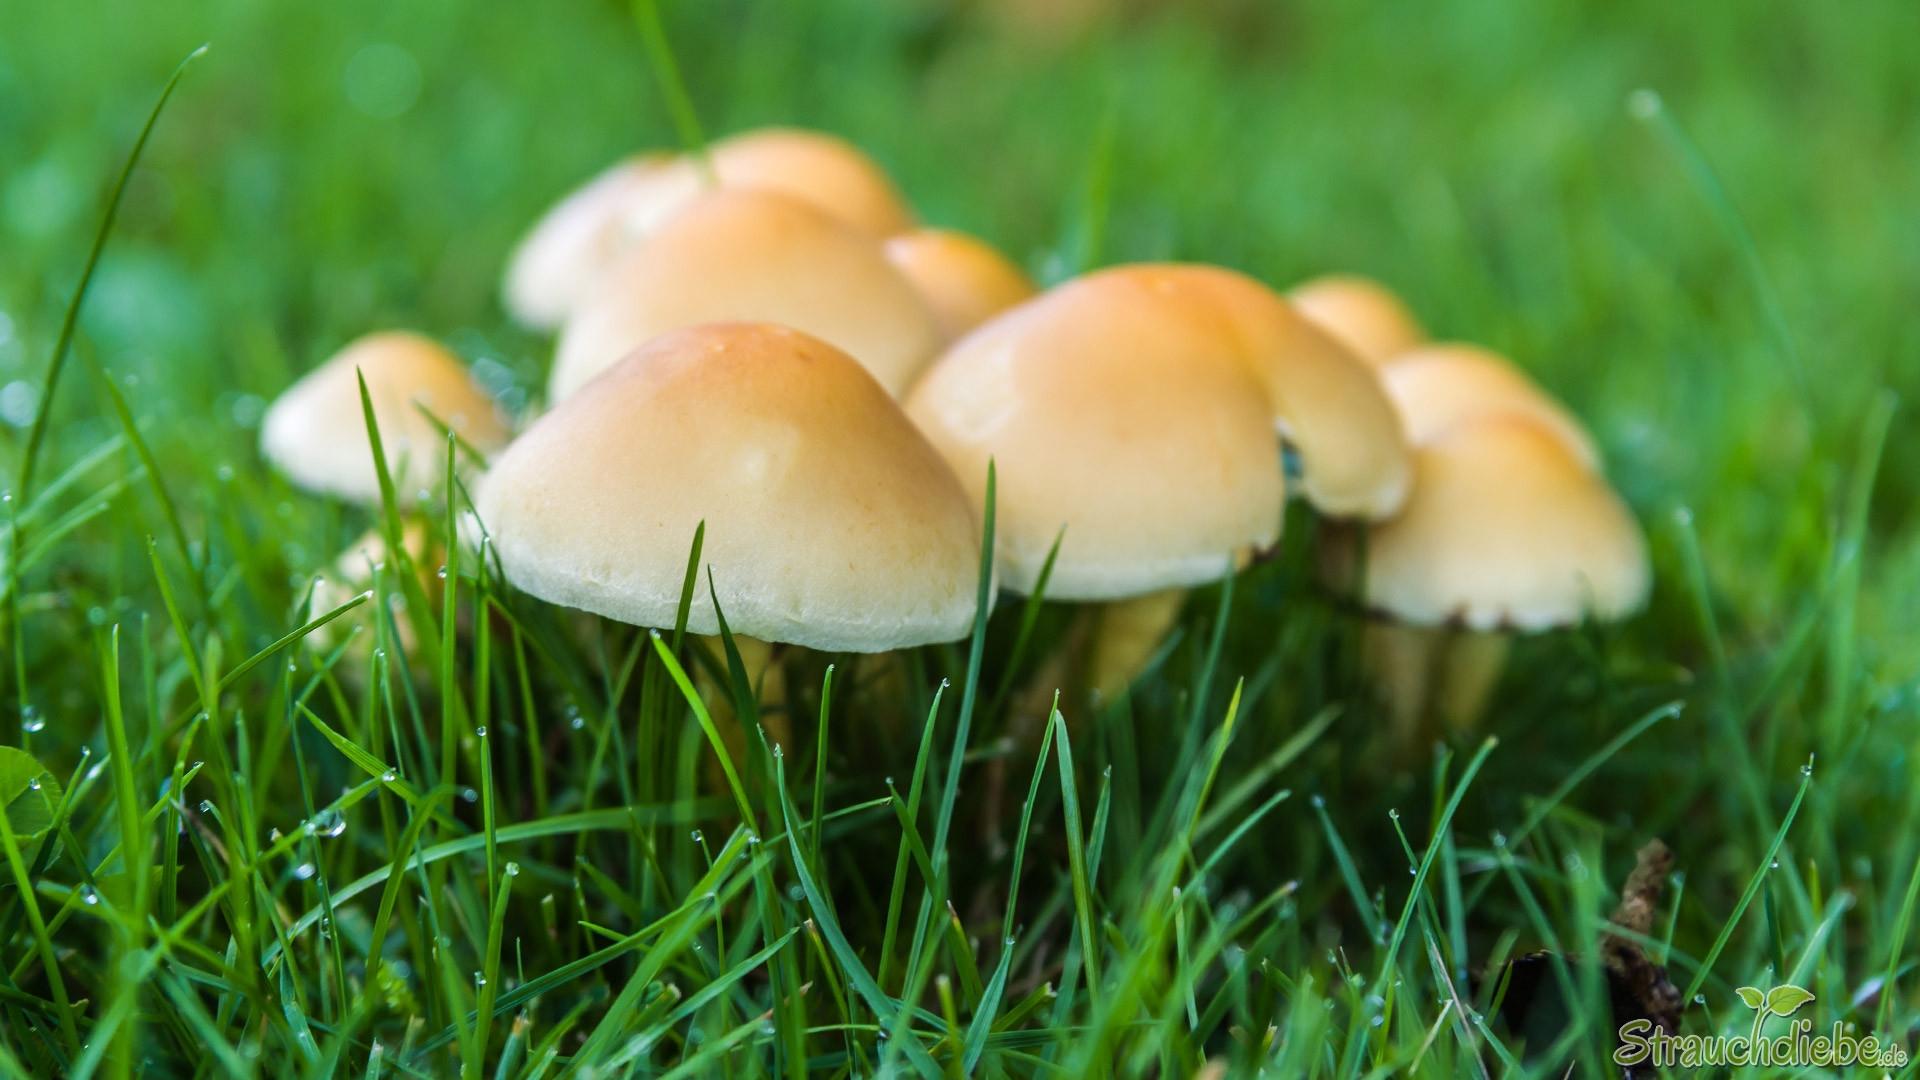 Gemeiner Glimmertintling (Coprinellus micaceus)